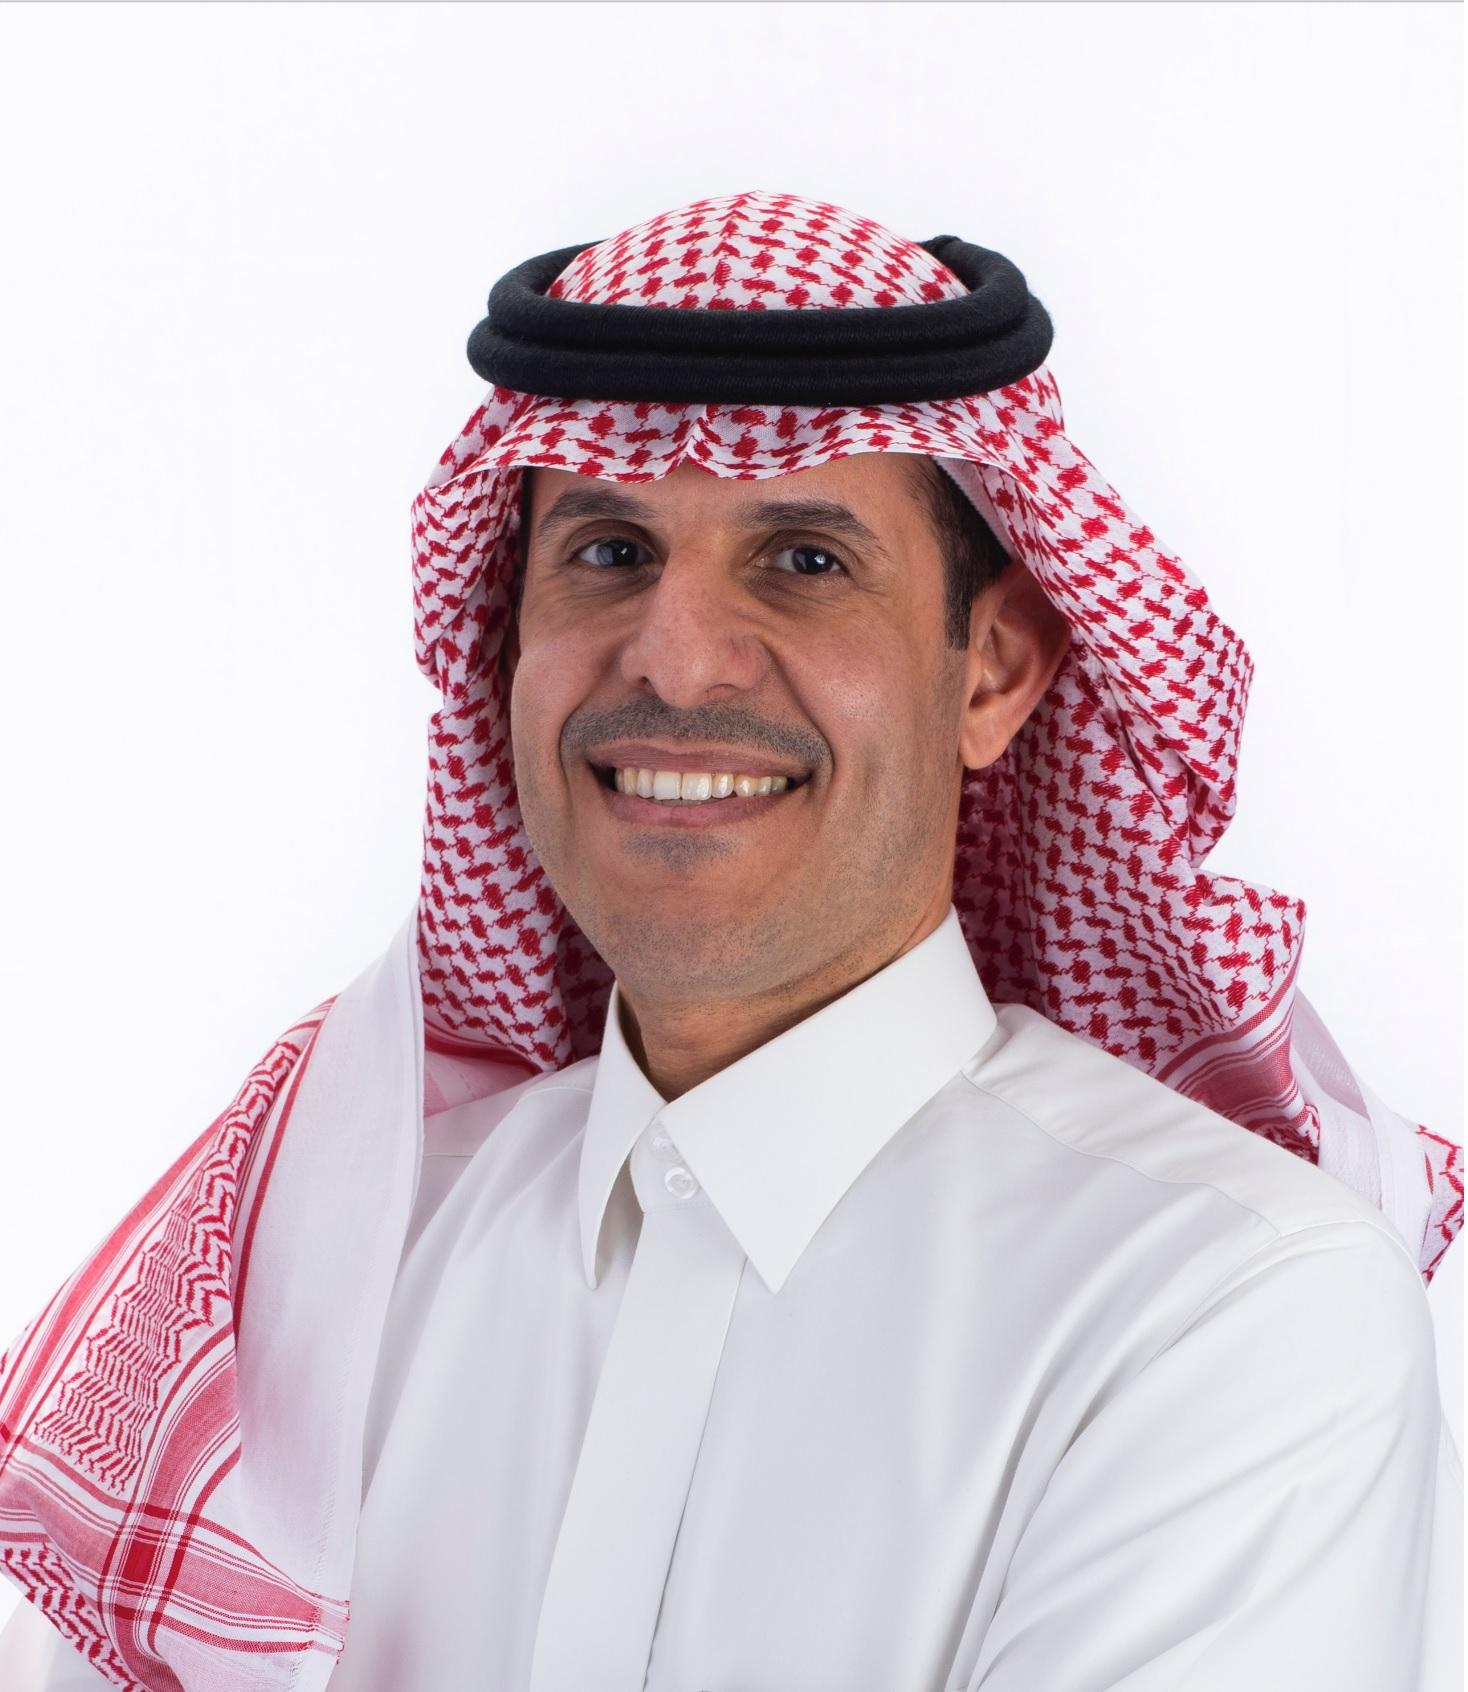 Tariq Al-Sadhan